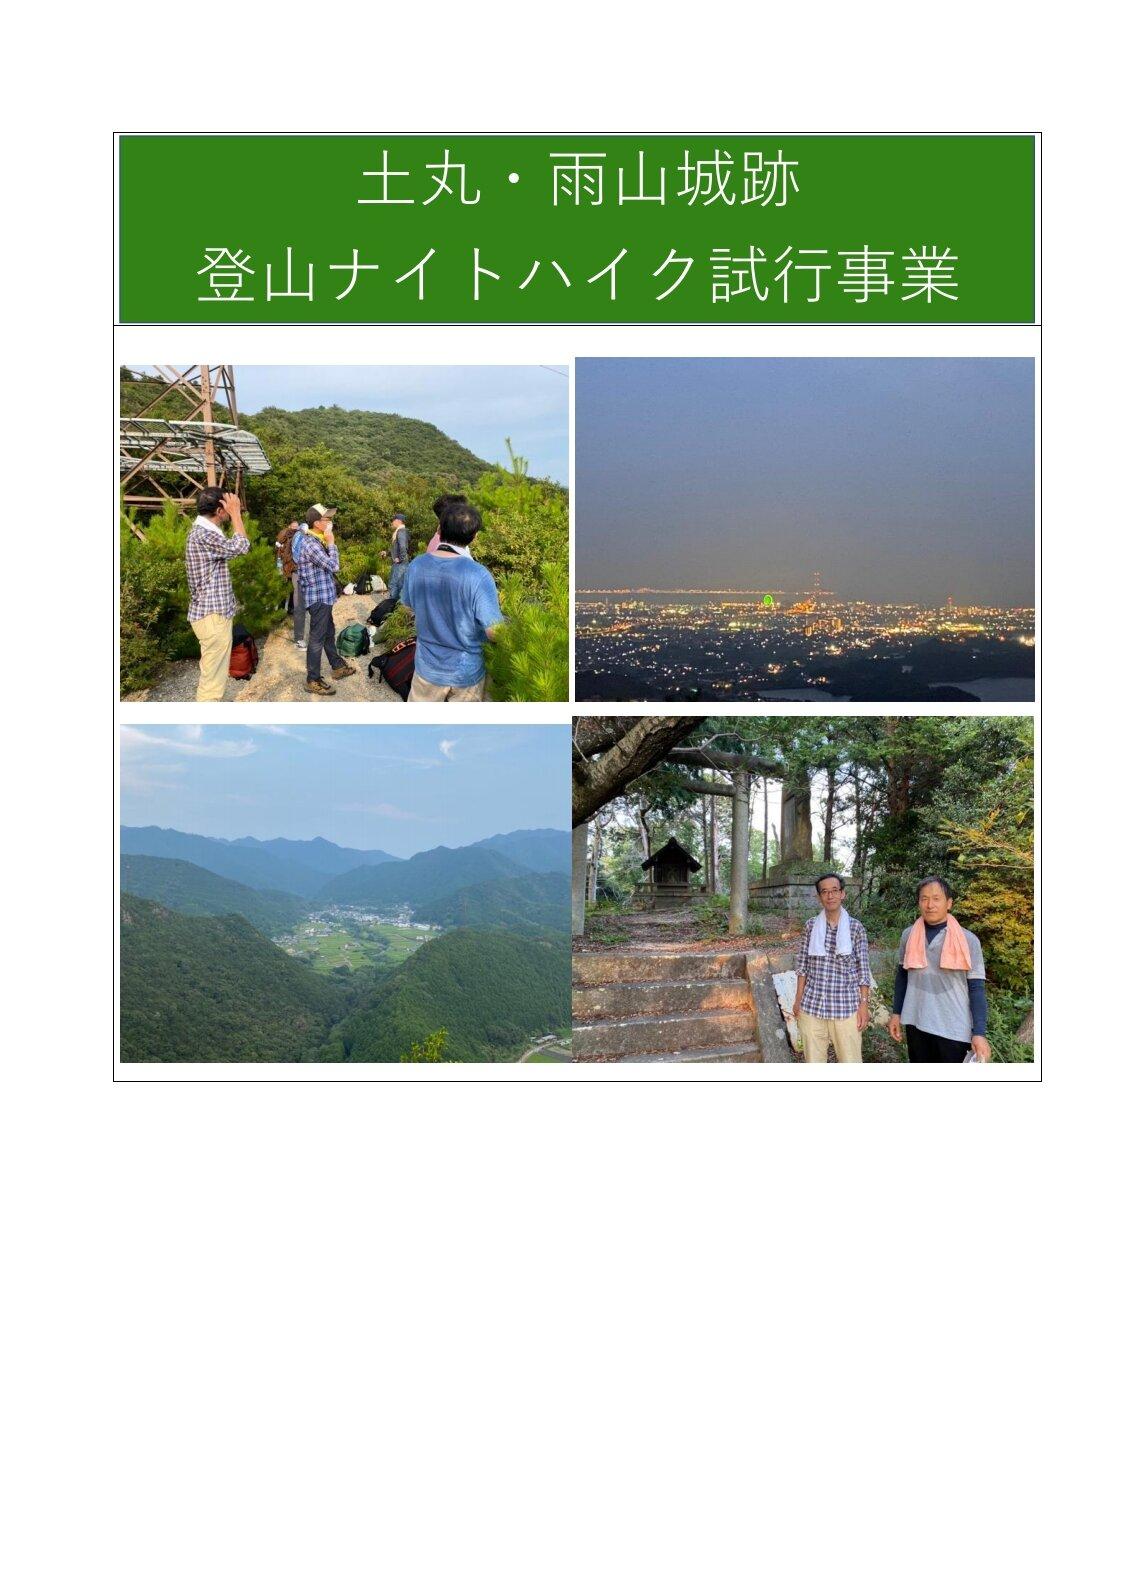 土丸・雨山城跡登山・ナイトハイキング施行2020.8.8〜8.9